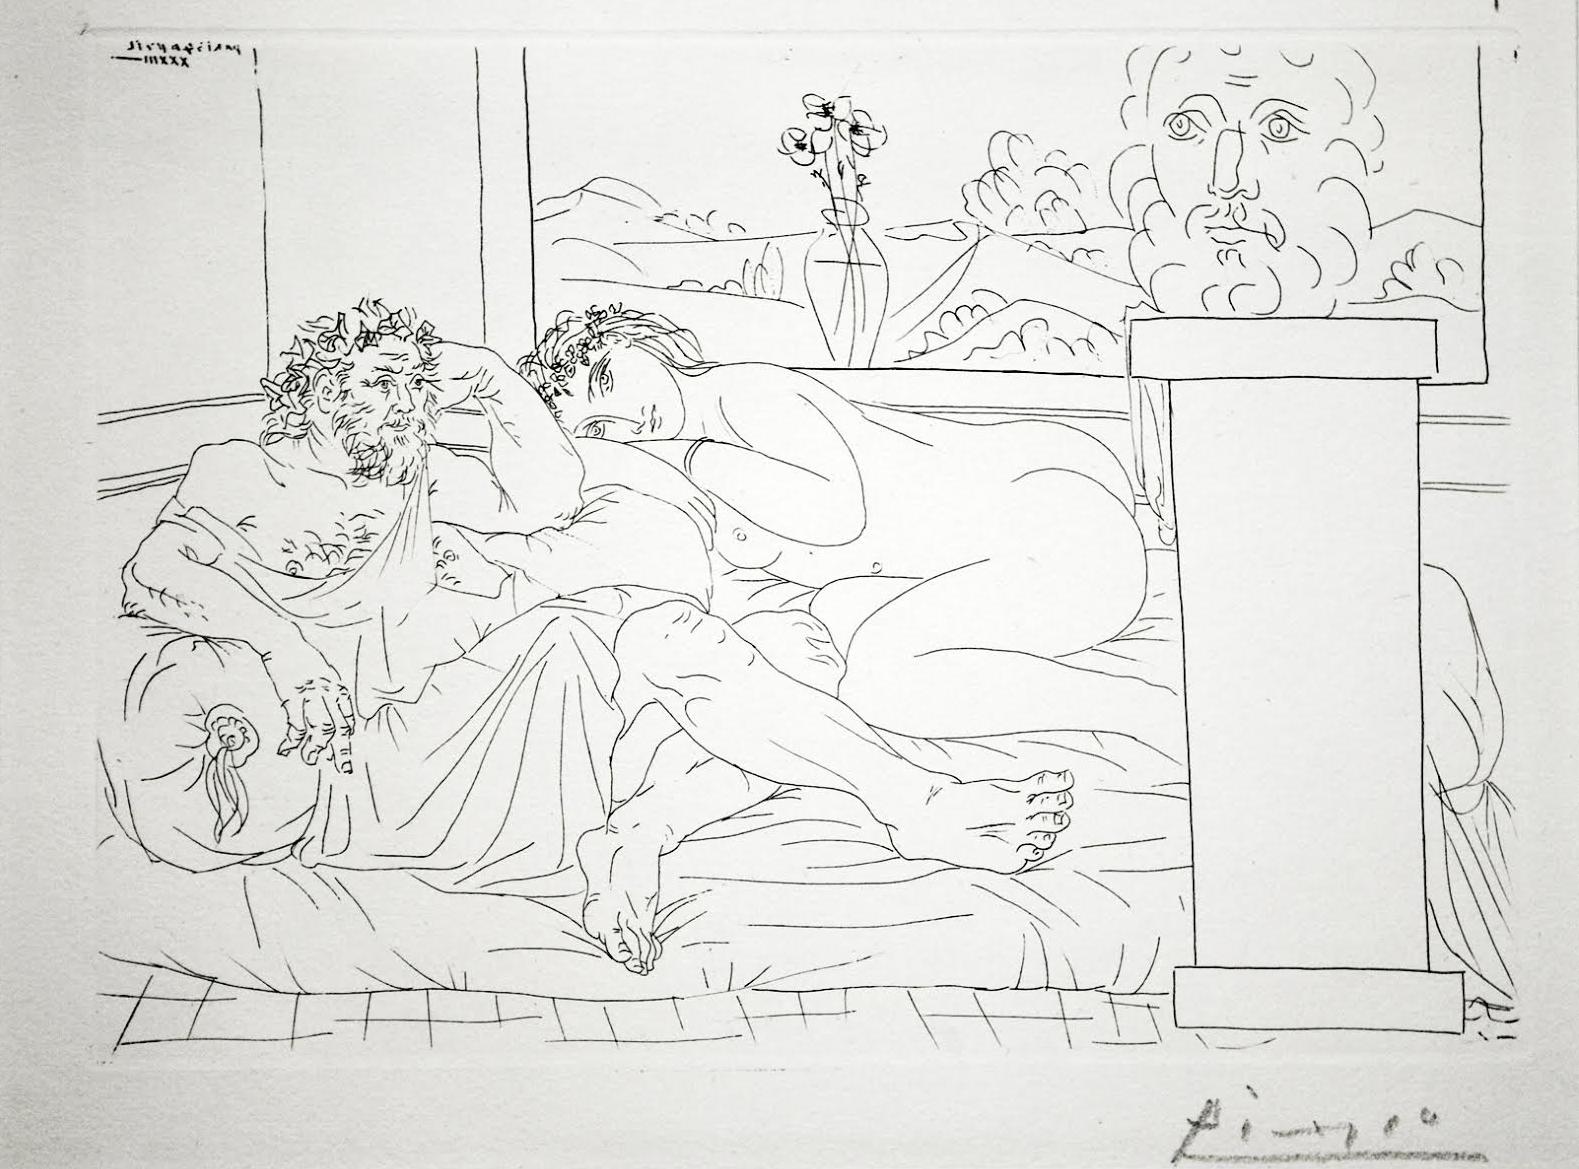 Le Repos du Sculpteur by Picasso